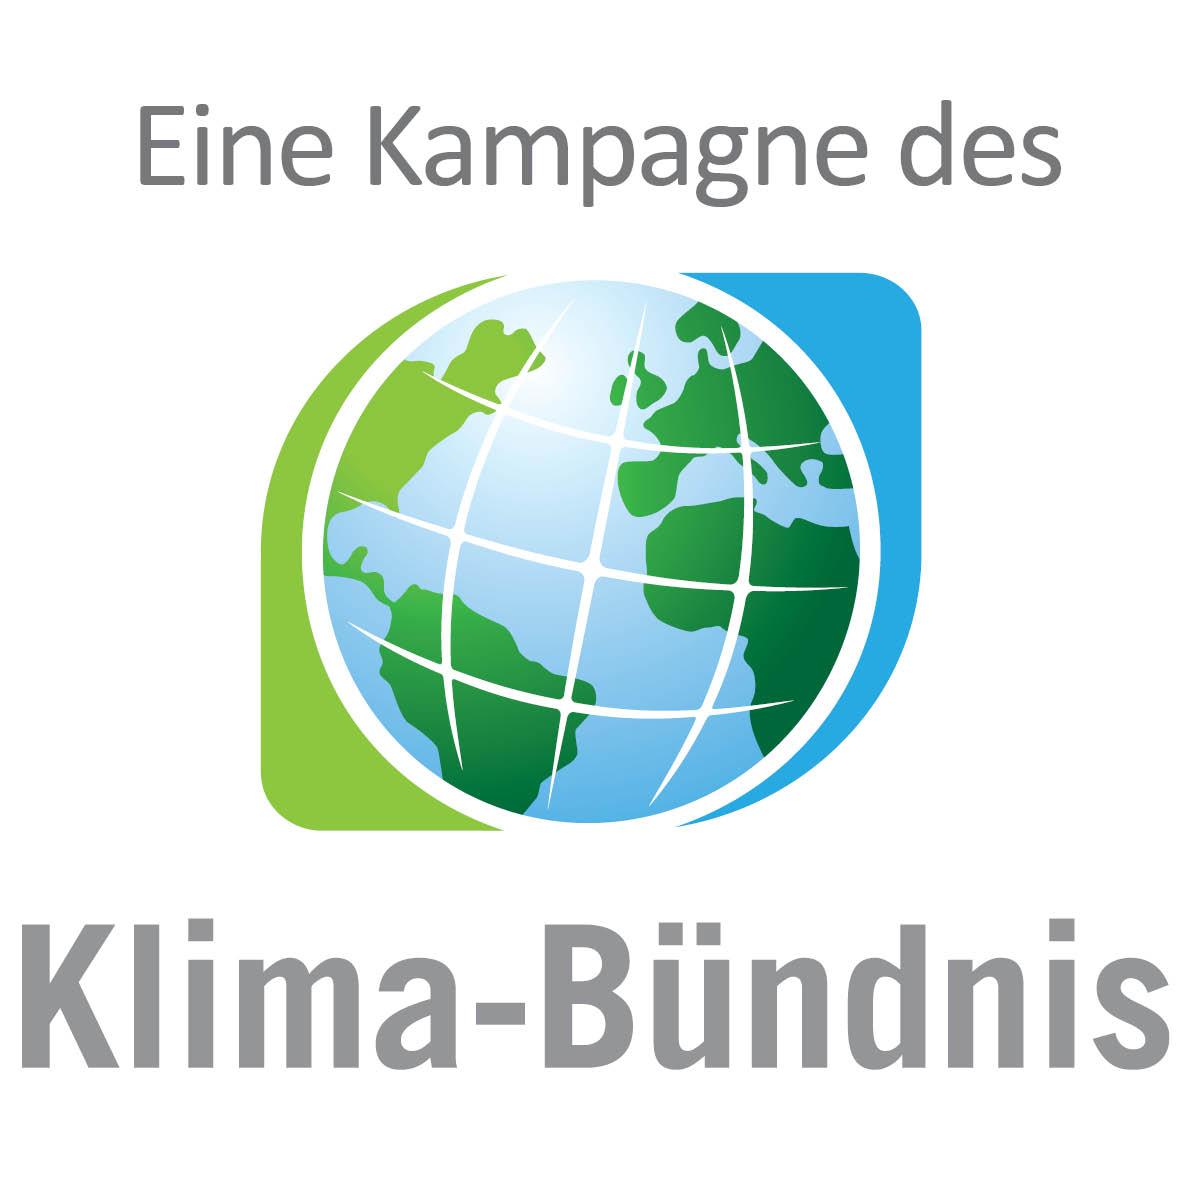 Eine Kampagne des Klima-Bündnis